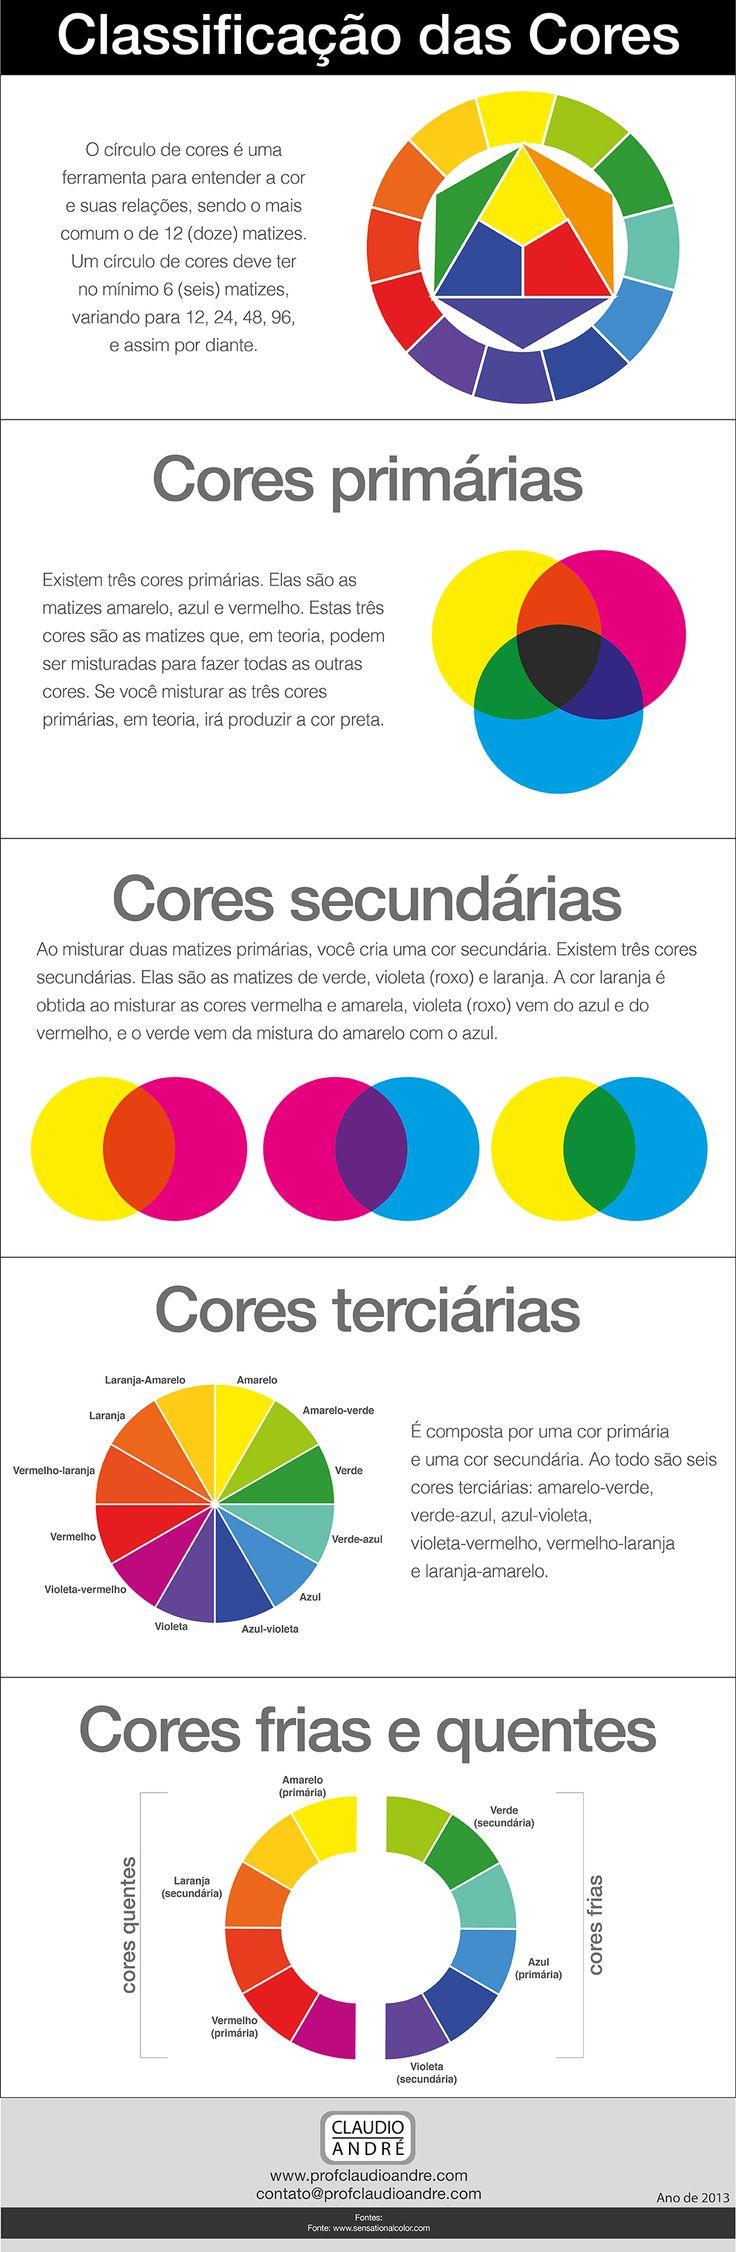 Conheça alguns aspectos da classificação das cores e procure usá-los para obter o efeito desejado.